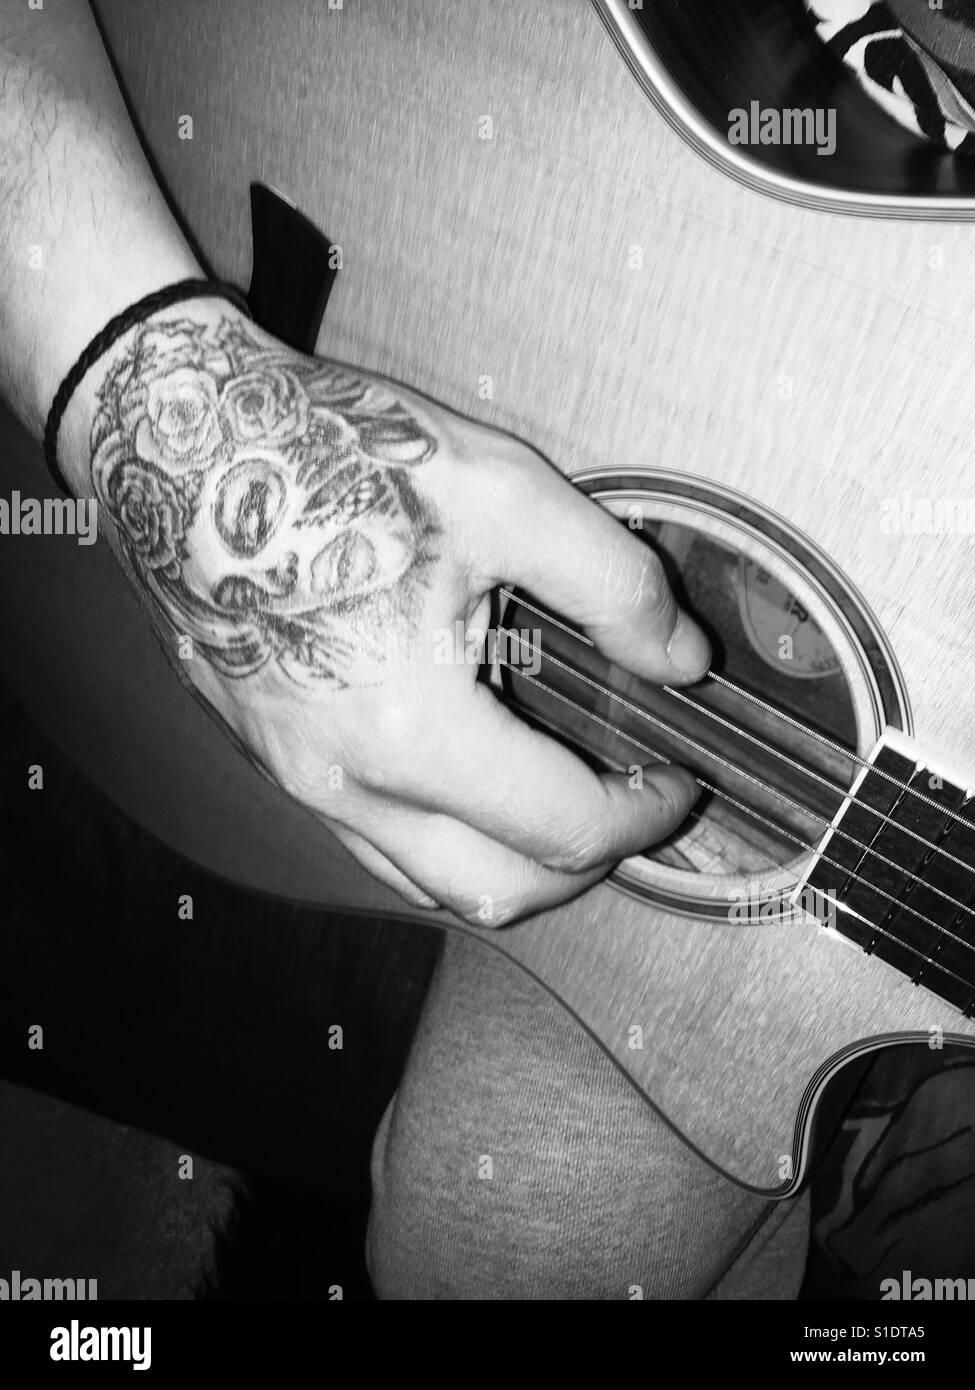 Guitar Tattoo Photos Guitar Tattoo Images Alamy